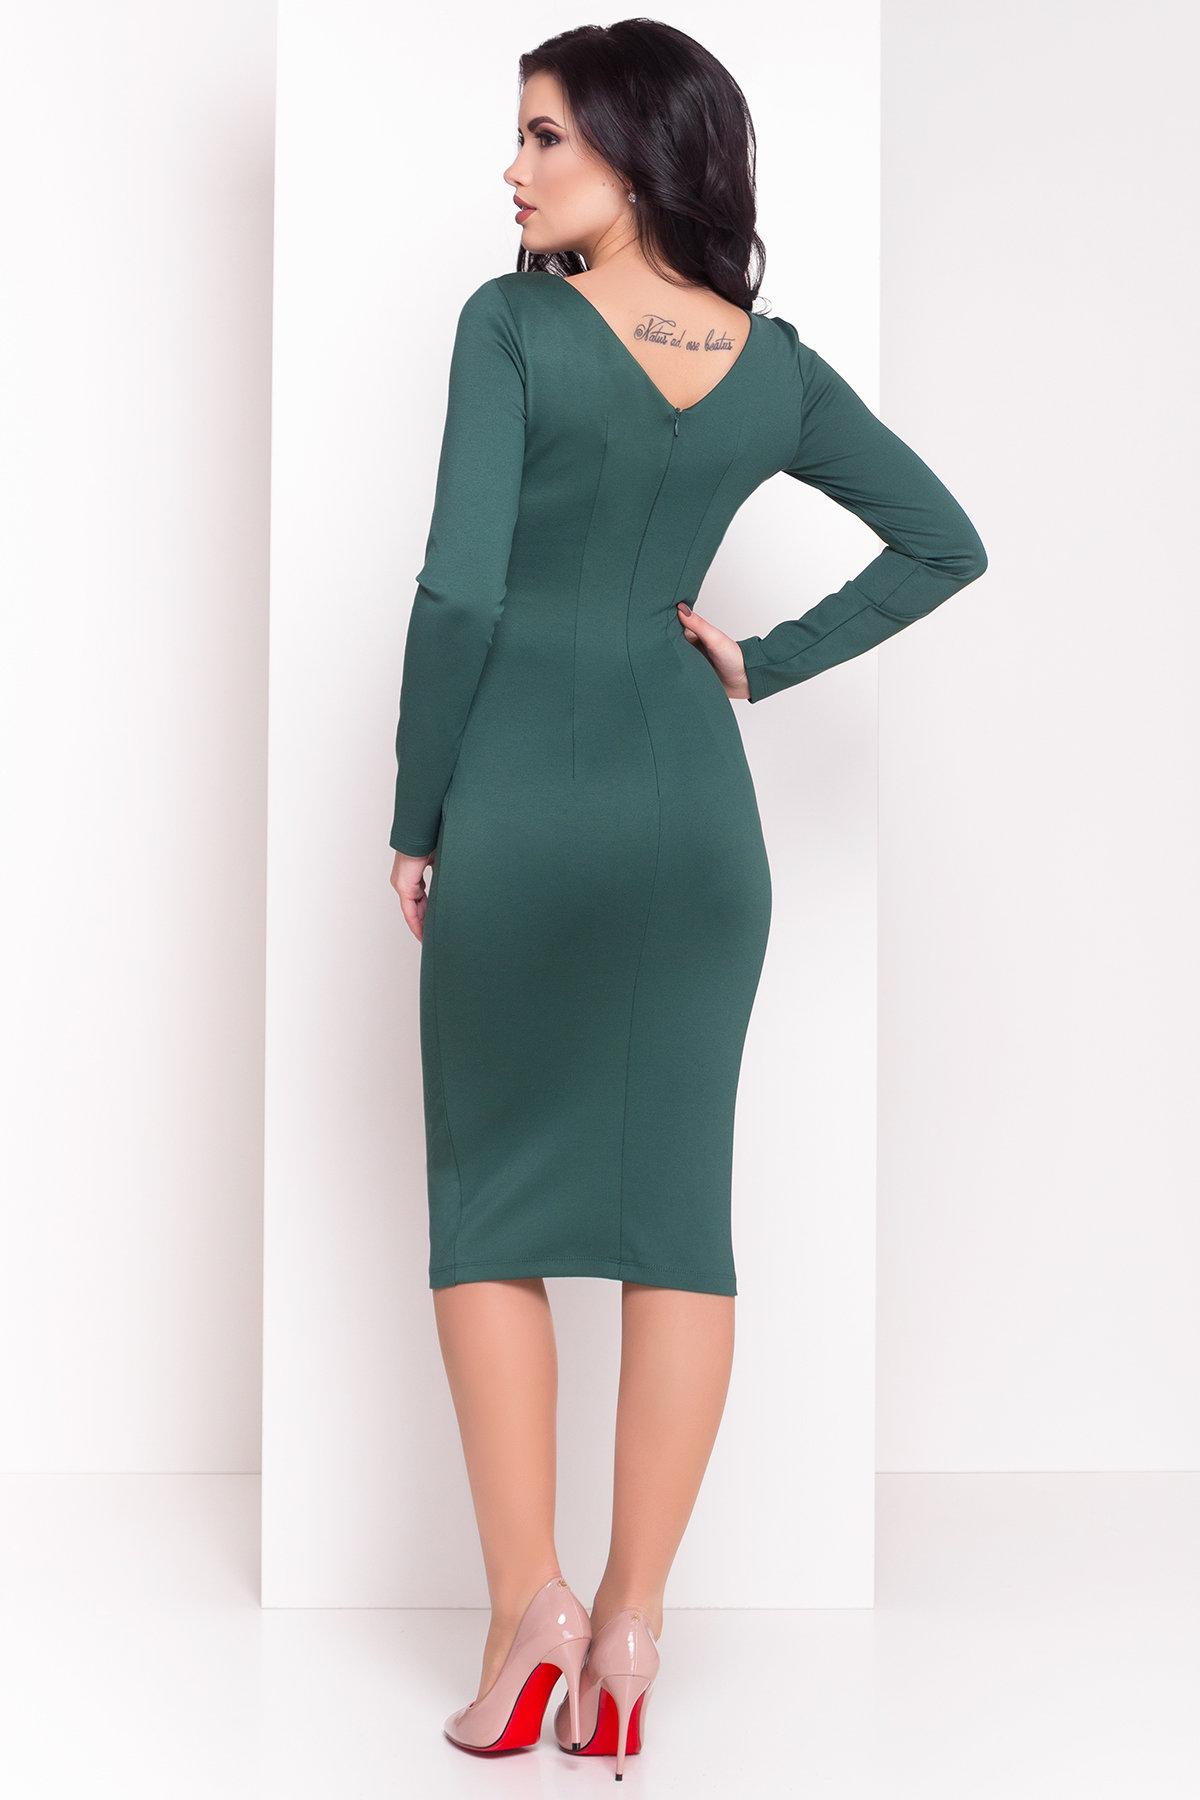 Платье Уна 503 АРТ. 7037 Цвет: Зеленый - фото 2, интернет магазин tm-modus.ru